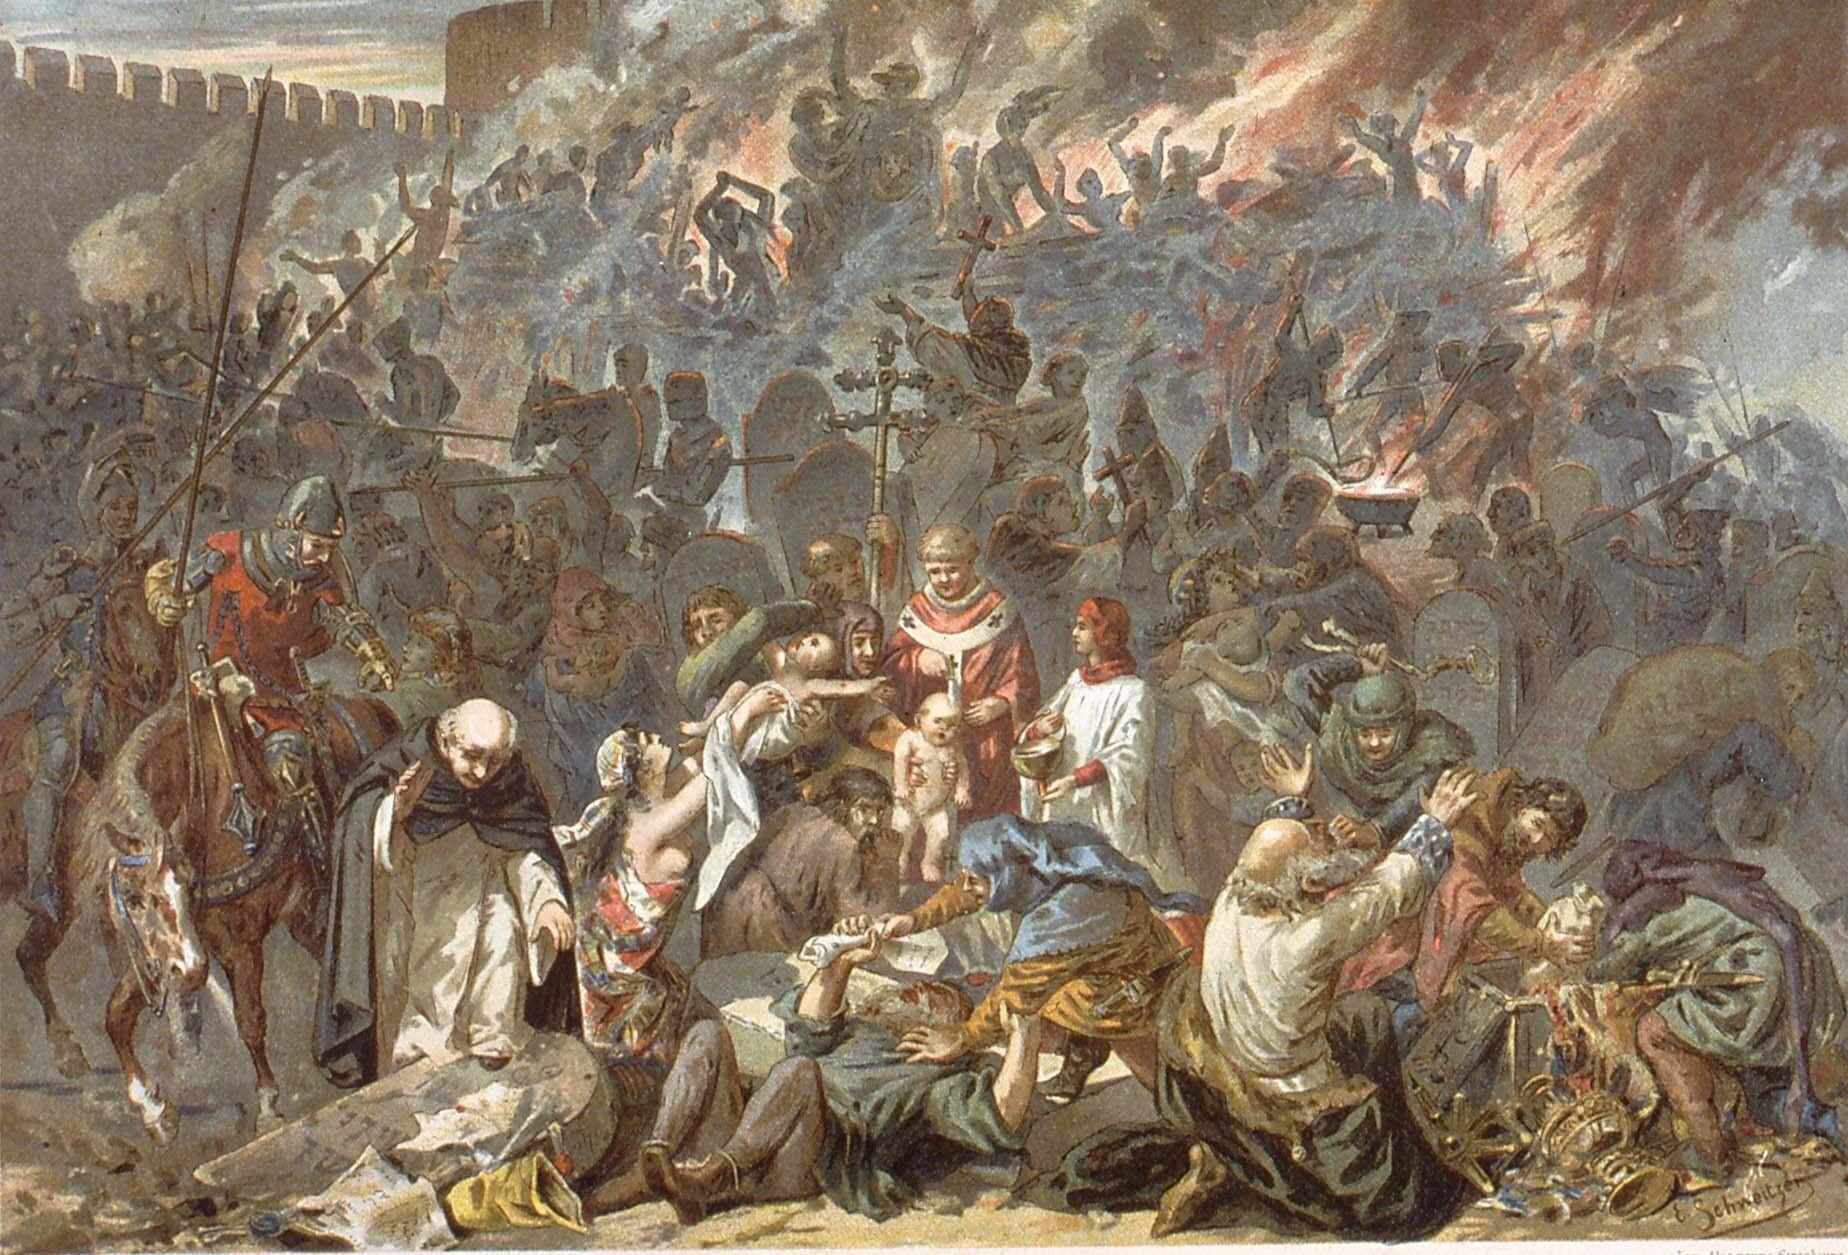 Еврейский погром в Страсбурге. Эмили Швайтцер